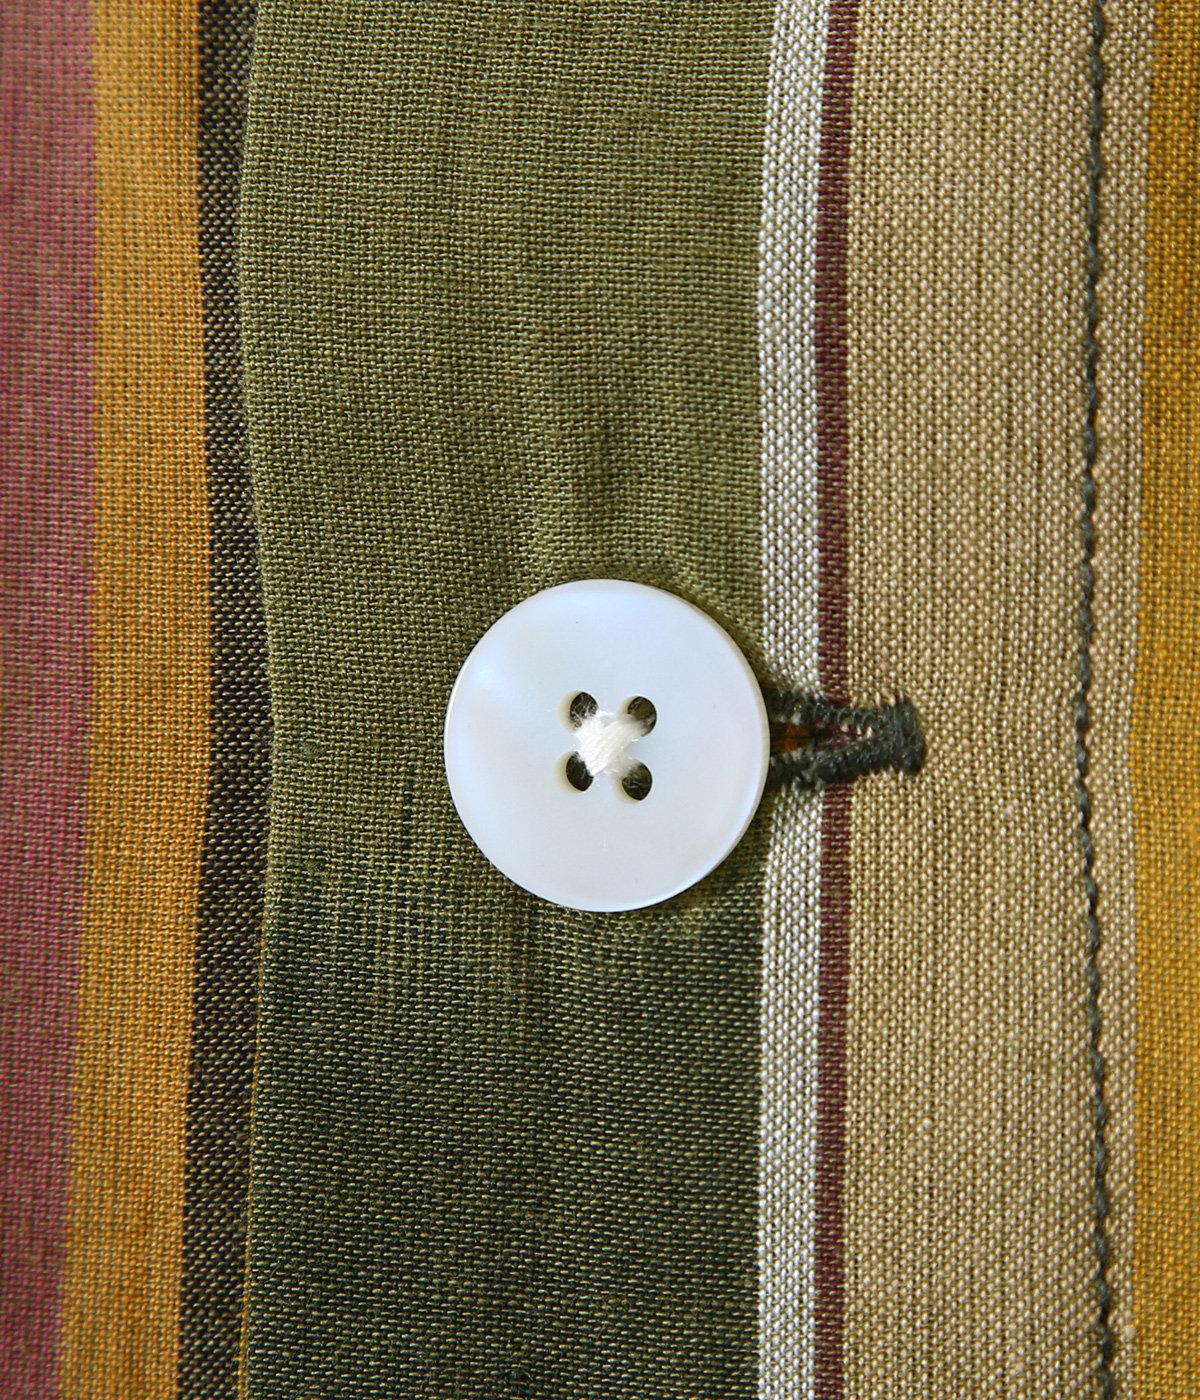 Smokey Shirt - Cotton Cloth / Ikat Pattern